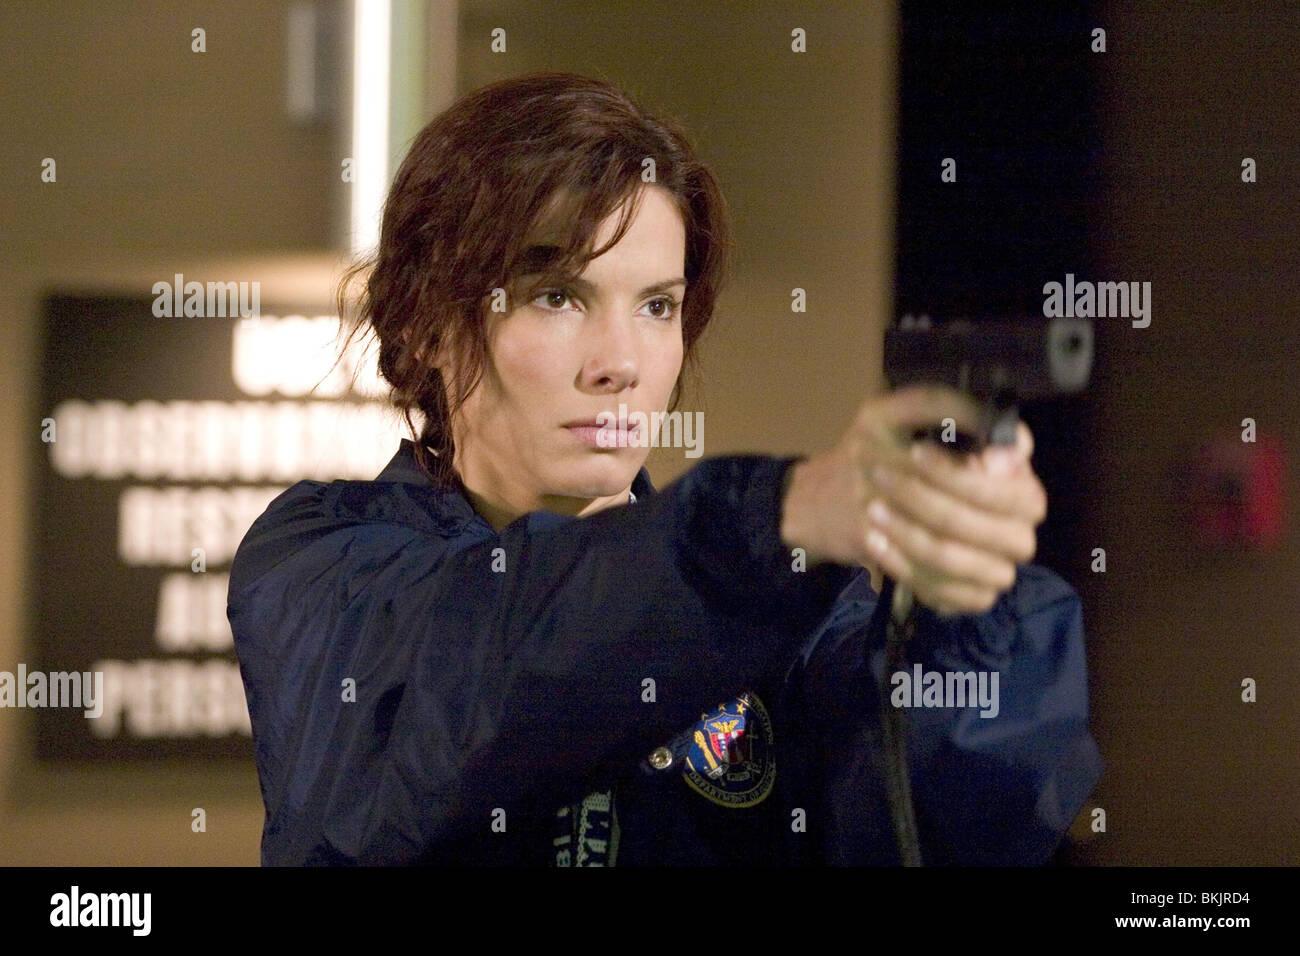 Señorita congenialidad 2: armada y fabulosa (2005) Sandra Bullock MSC2 001-13 Imagen De Stock